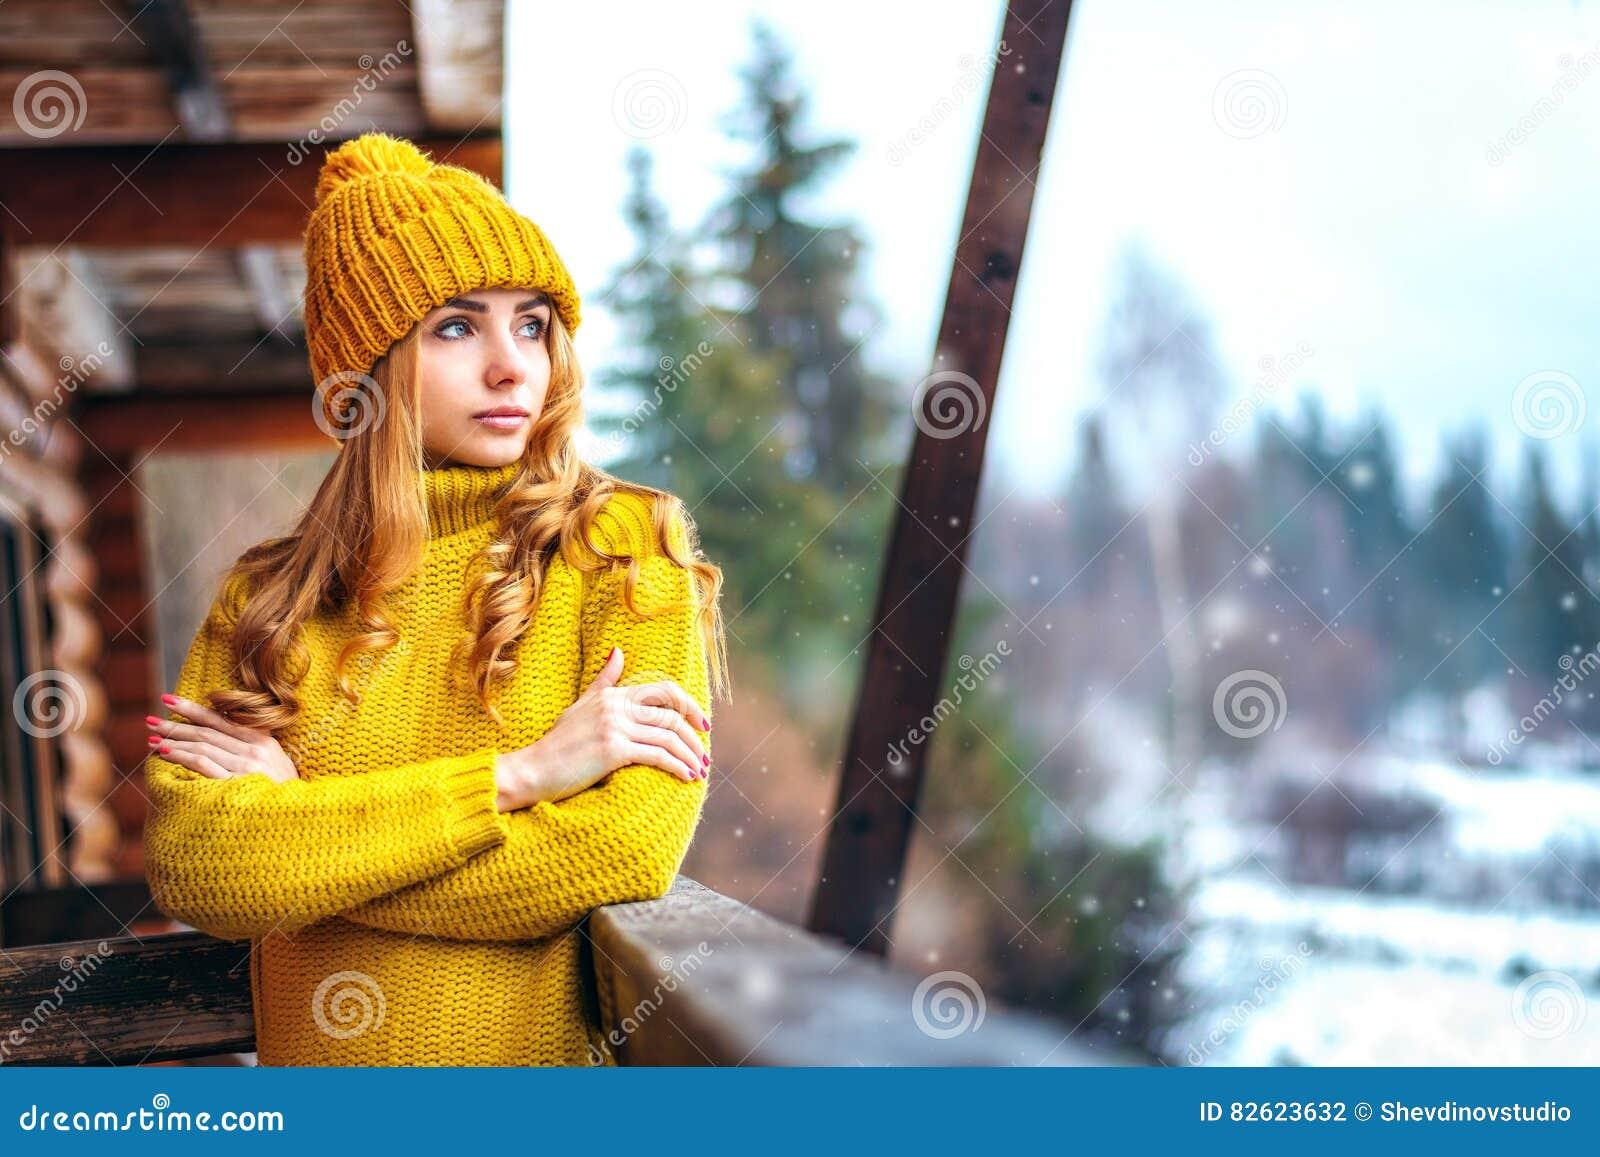 Mädchen in einem Strickpulli, der Schnee betrachtet